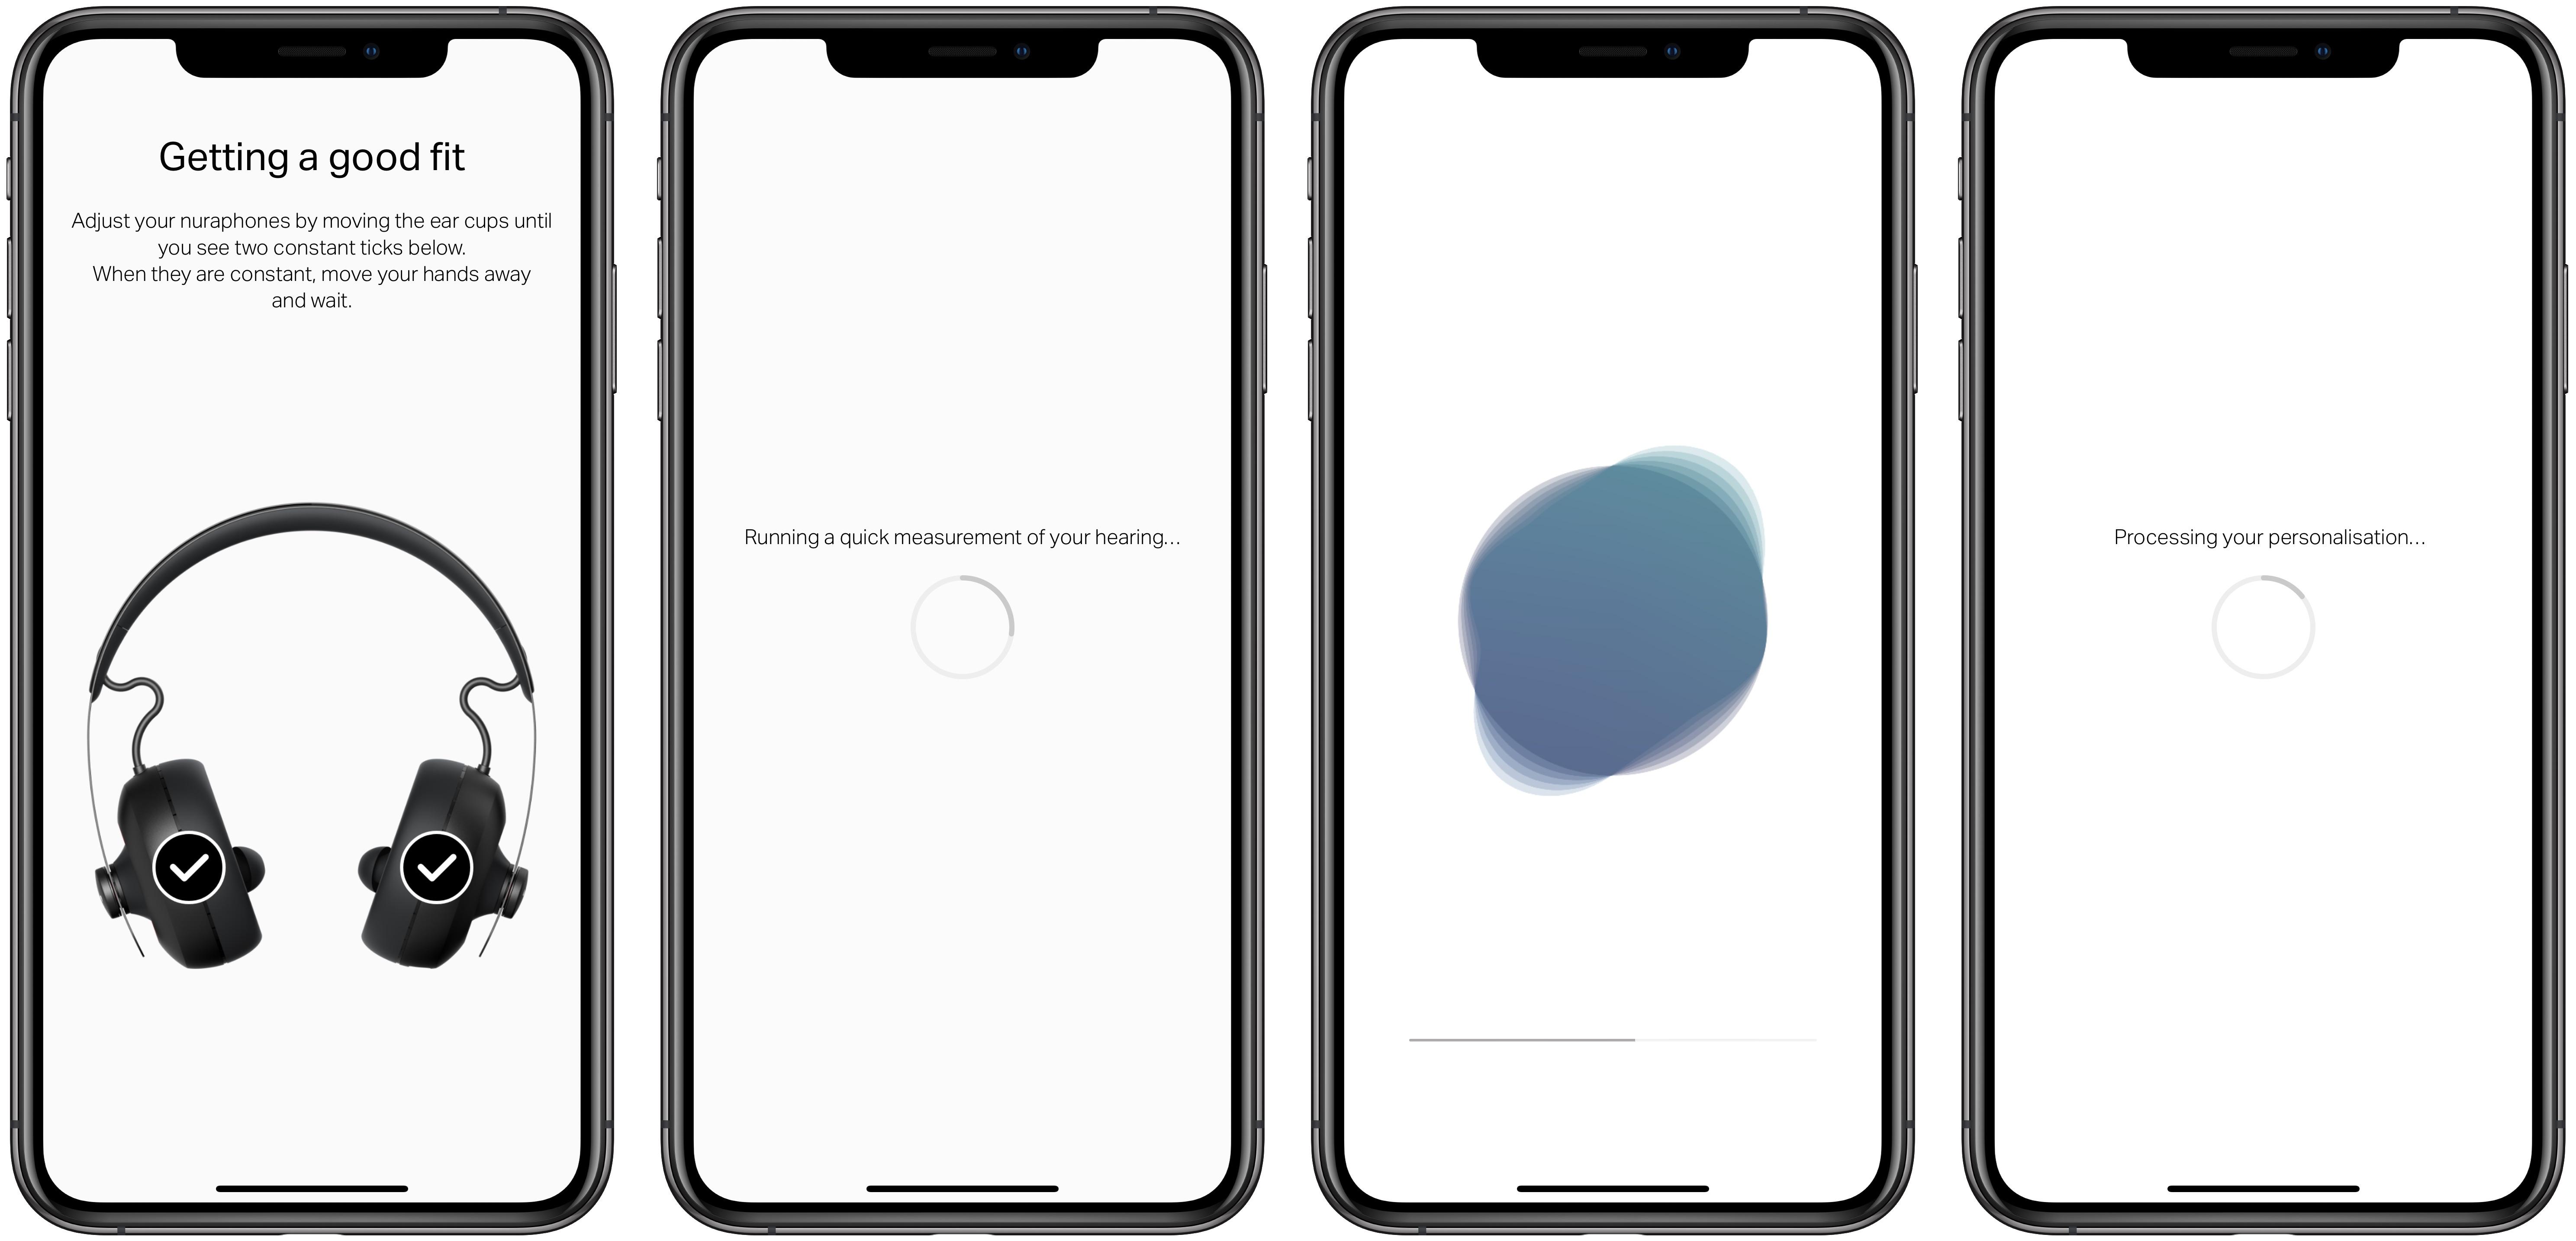 nuraphone hearing test (top) app